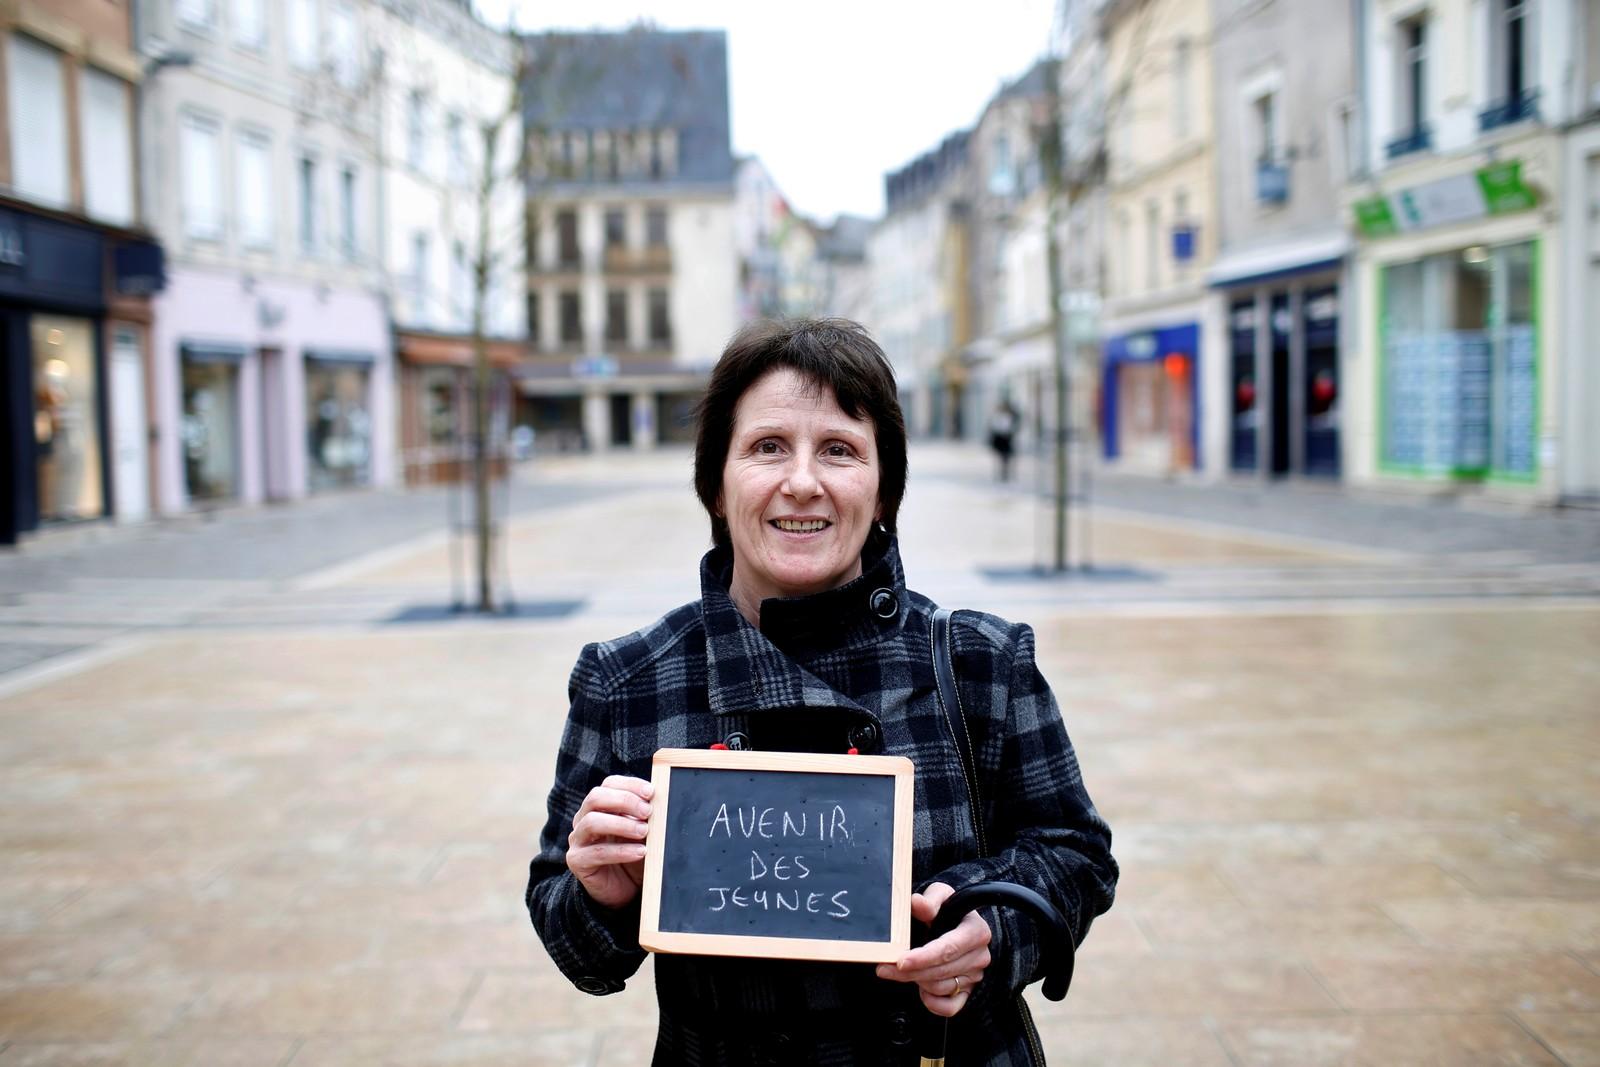 """Sykepleieren Patricia Breard (53) har skrevet """"de unges fremtid"""" på tavlen. Politikeren som overbeviser henne på dette punktet får hennes stemme."""